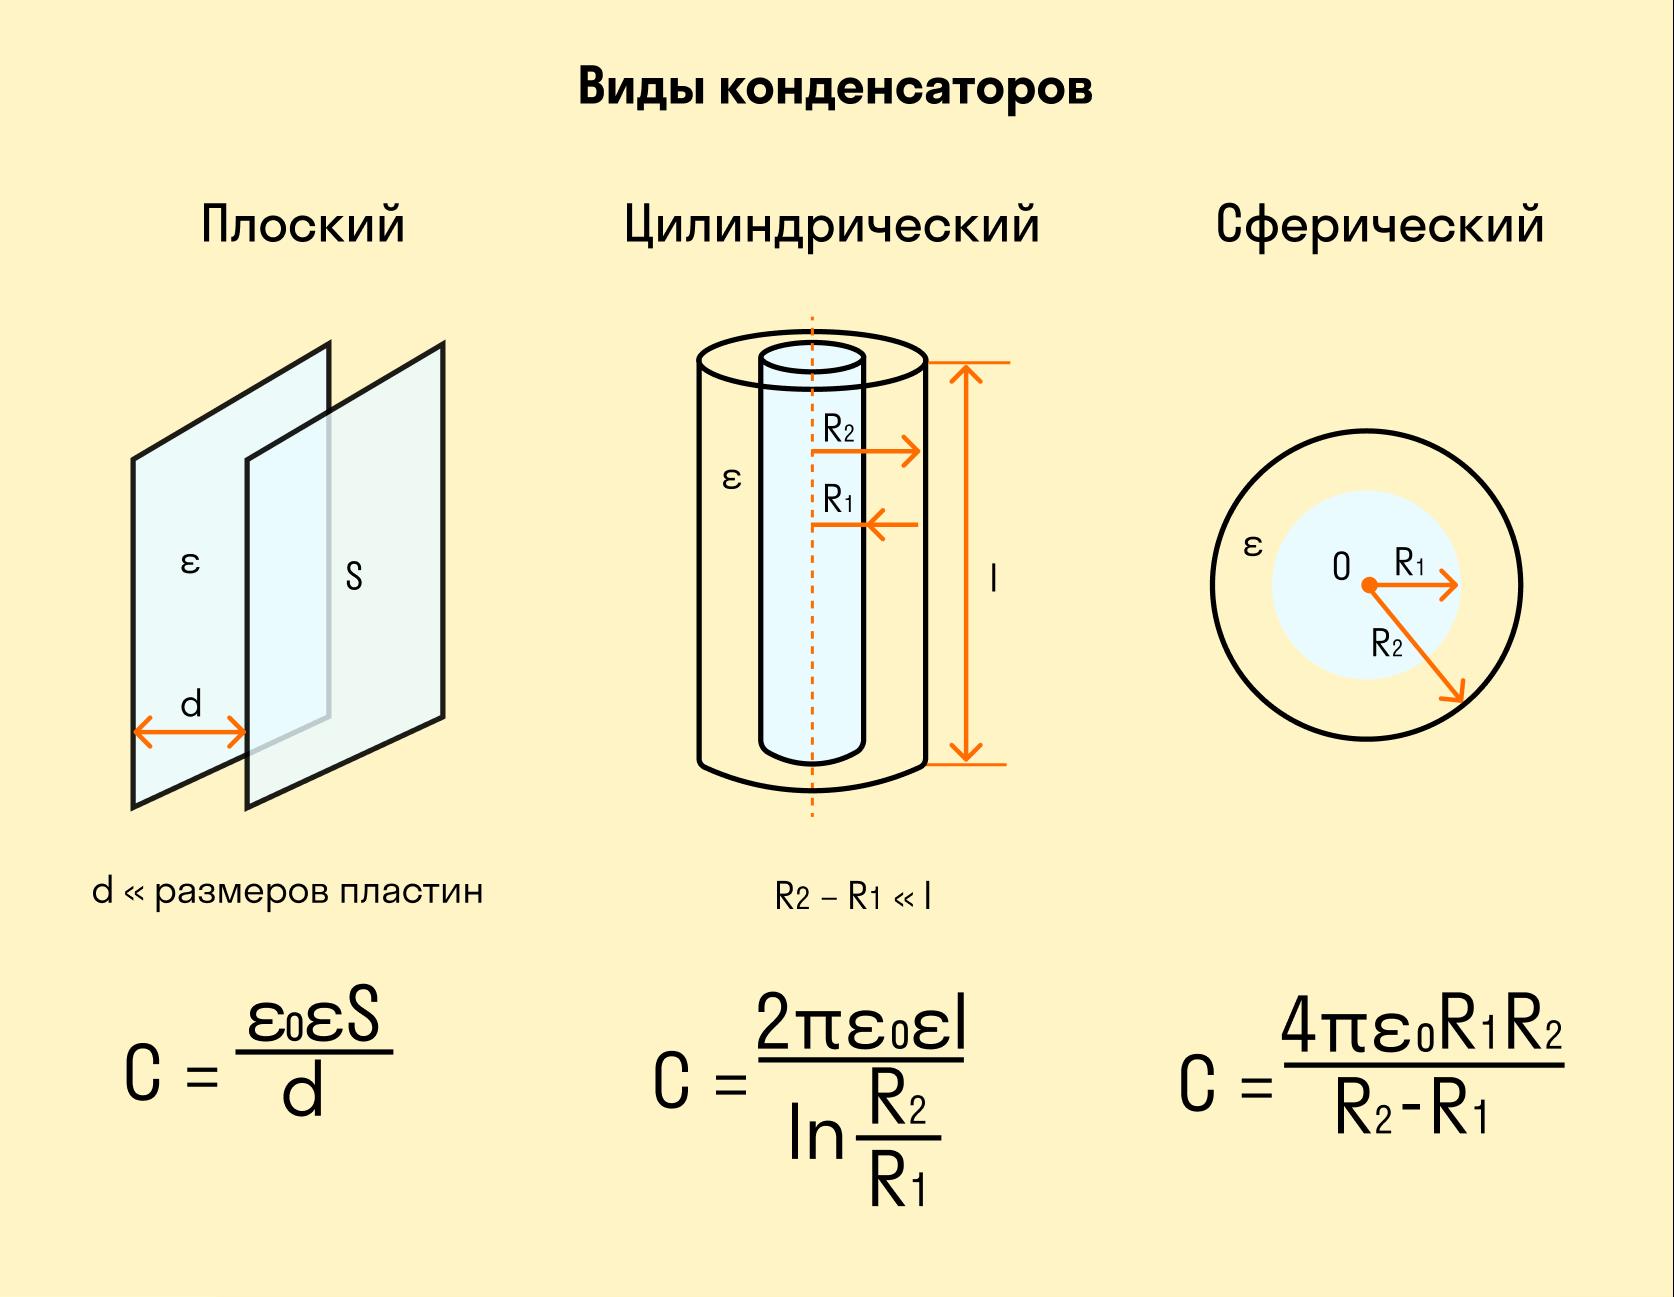 Виды конденсаторов и их электроемкость